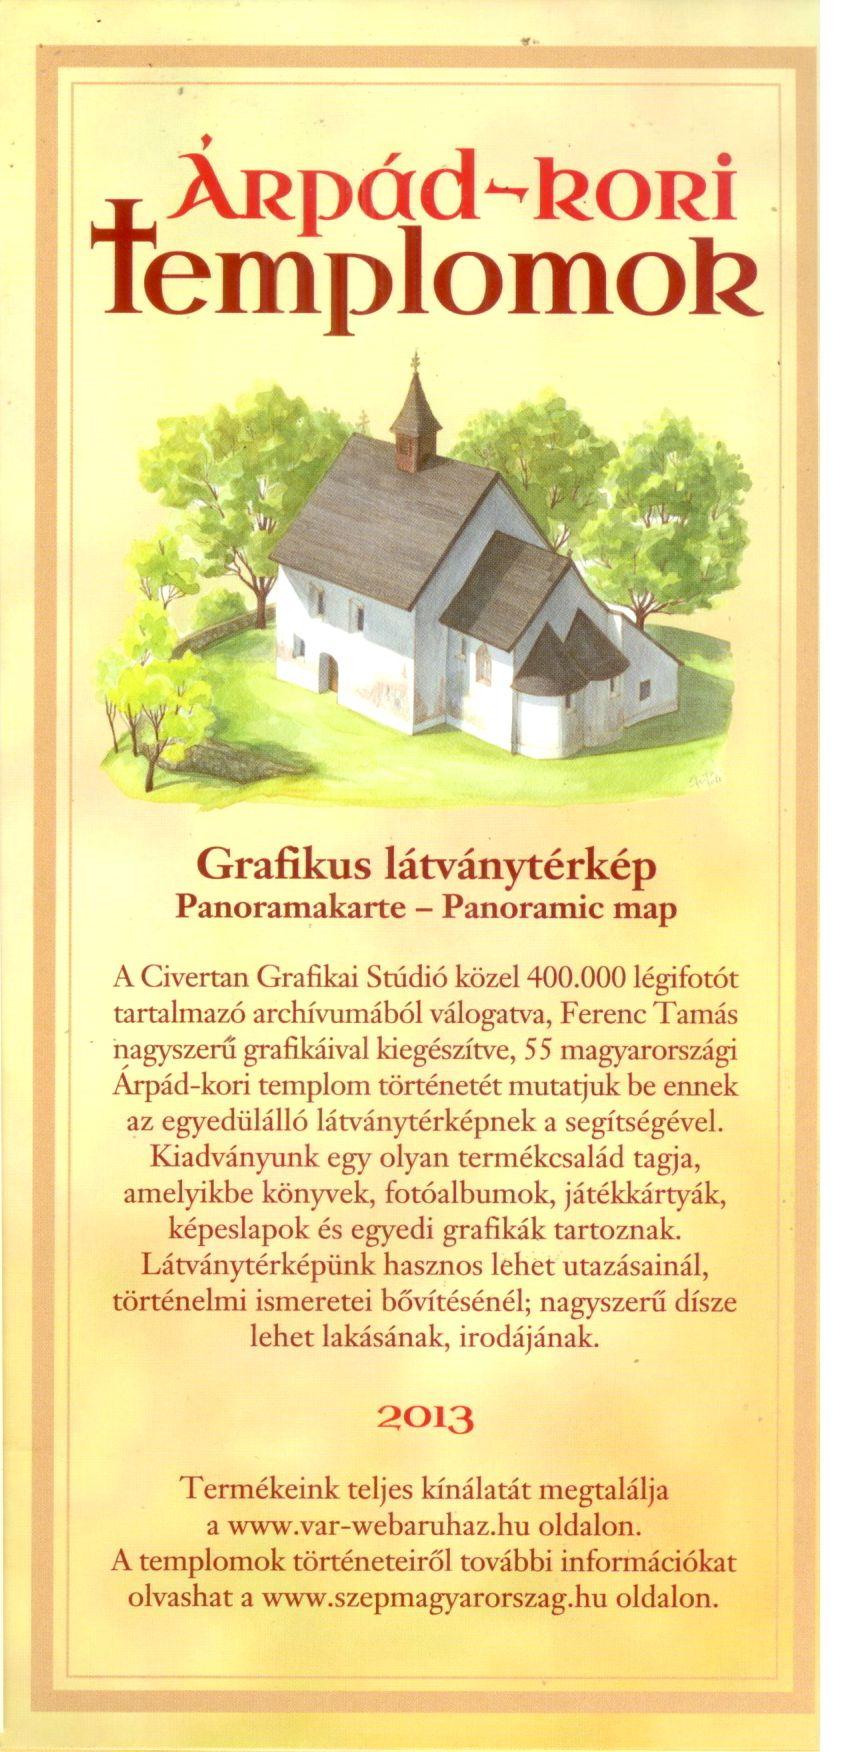 Árpád-kori templomok (grafikus látványtérkép) a jelenlegi állapot légifényképen, ill. festett panorámaképen